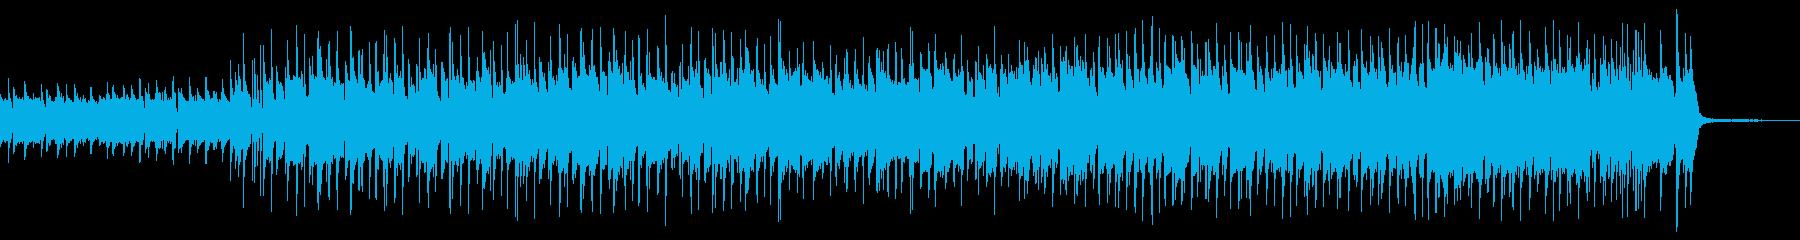 【企業VP】サックスと木琴の軽快なロックの再生済みの波形